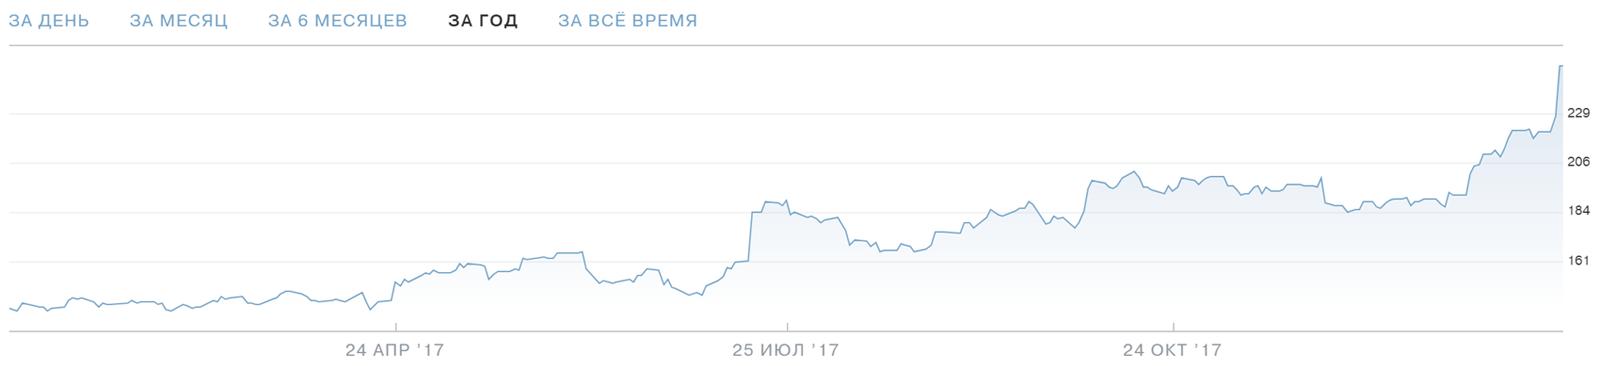 Акции Netflix — график Тинькофф-инвестиций